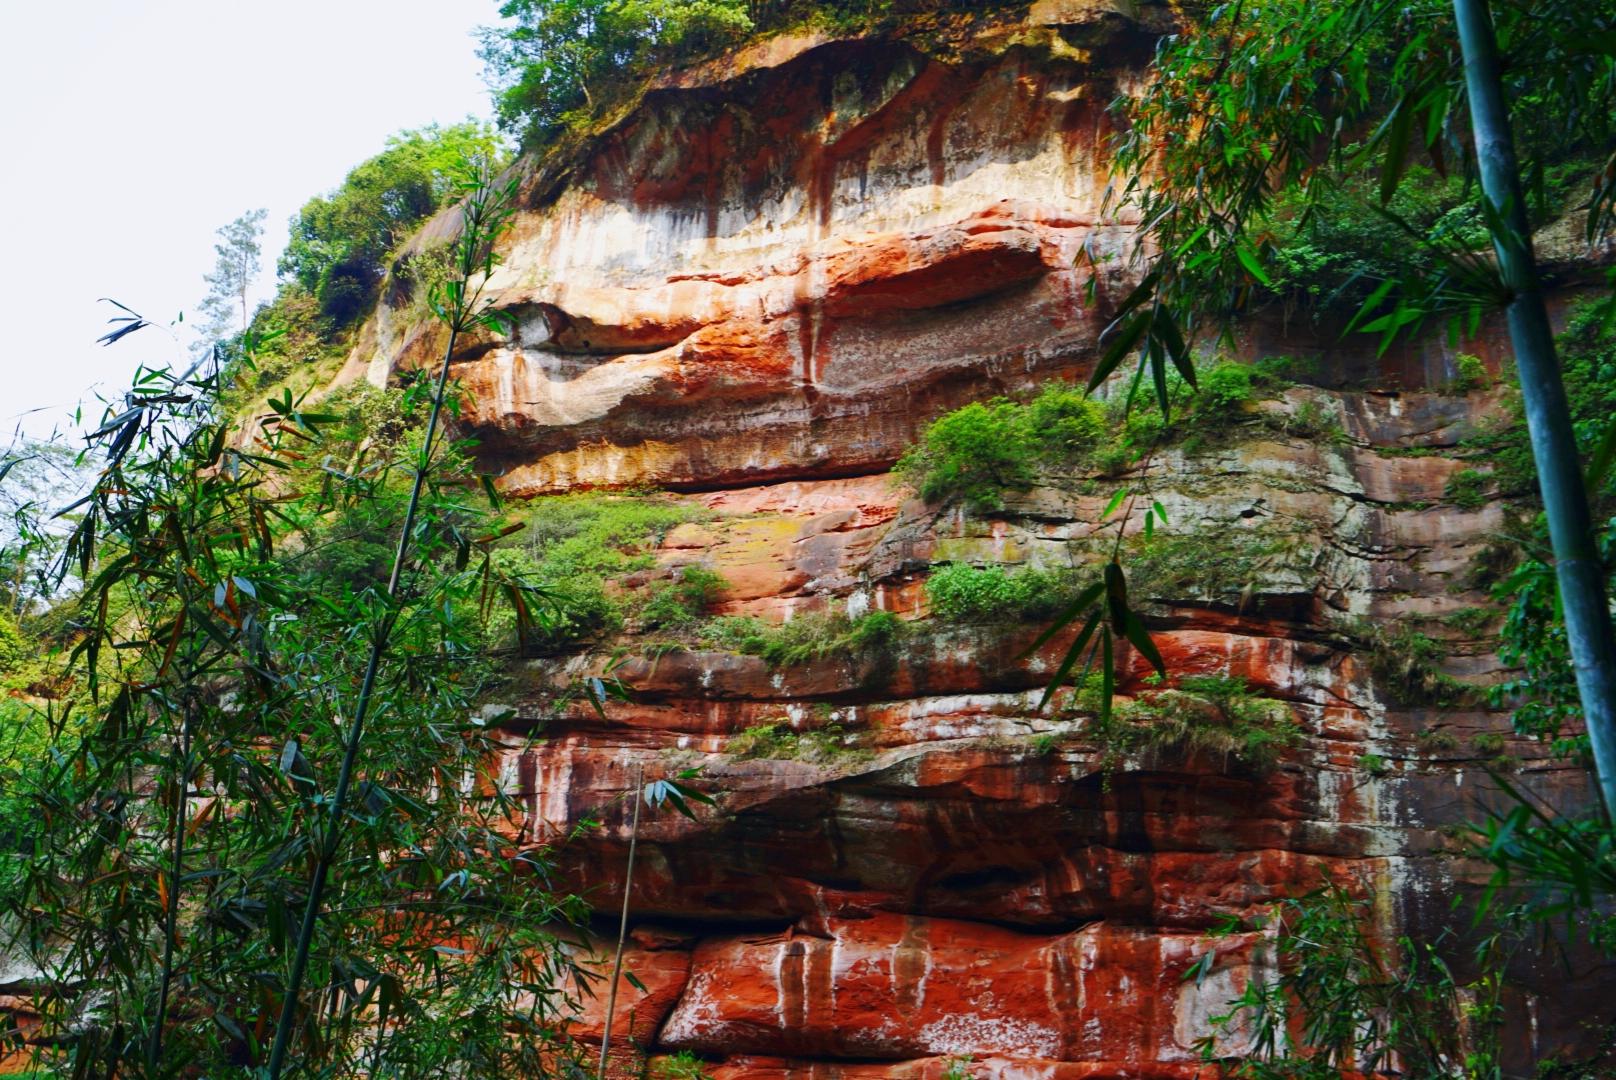 原创             千瀑之市的赤水,不仅有瀑布,居然还有这么美的丹霞